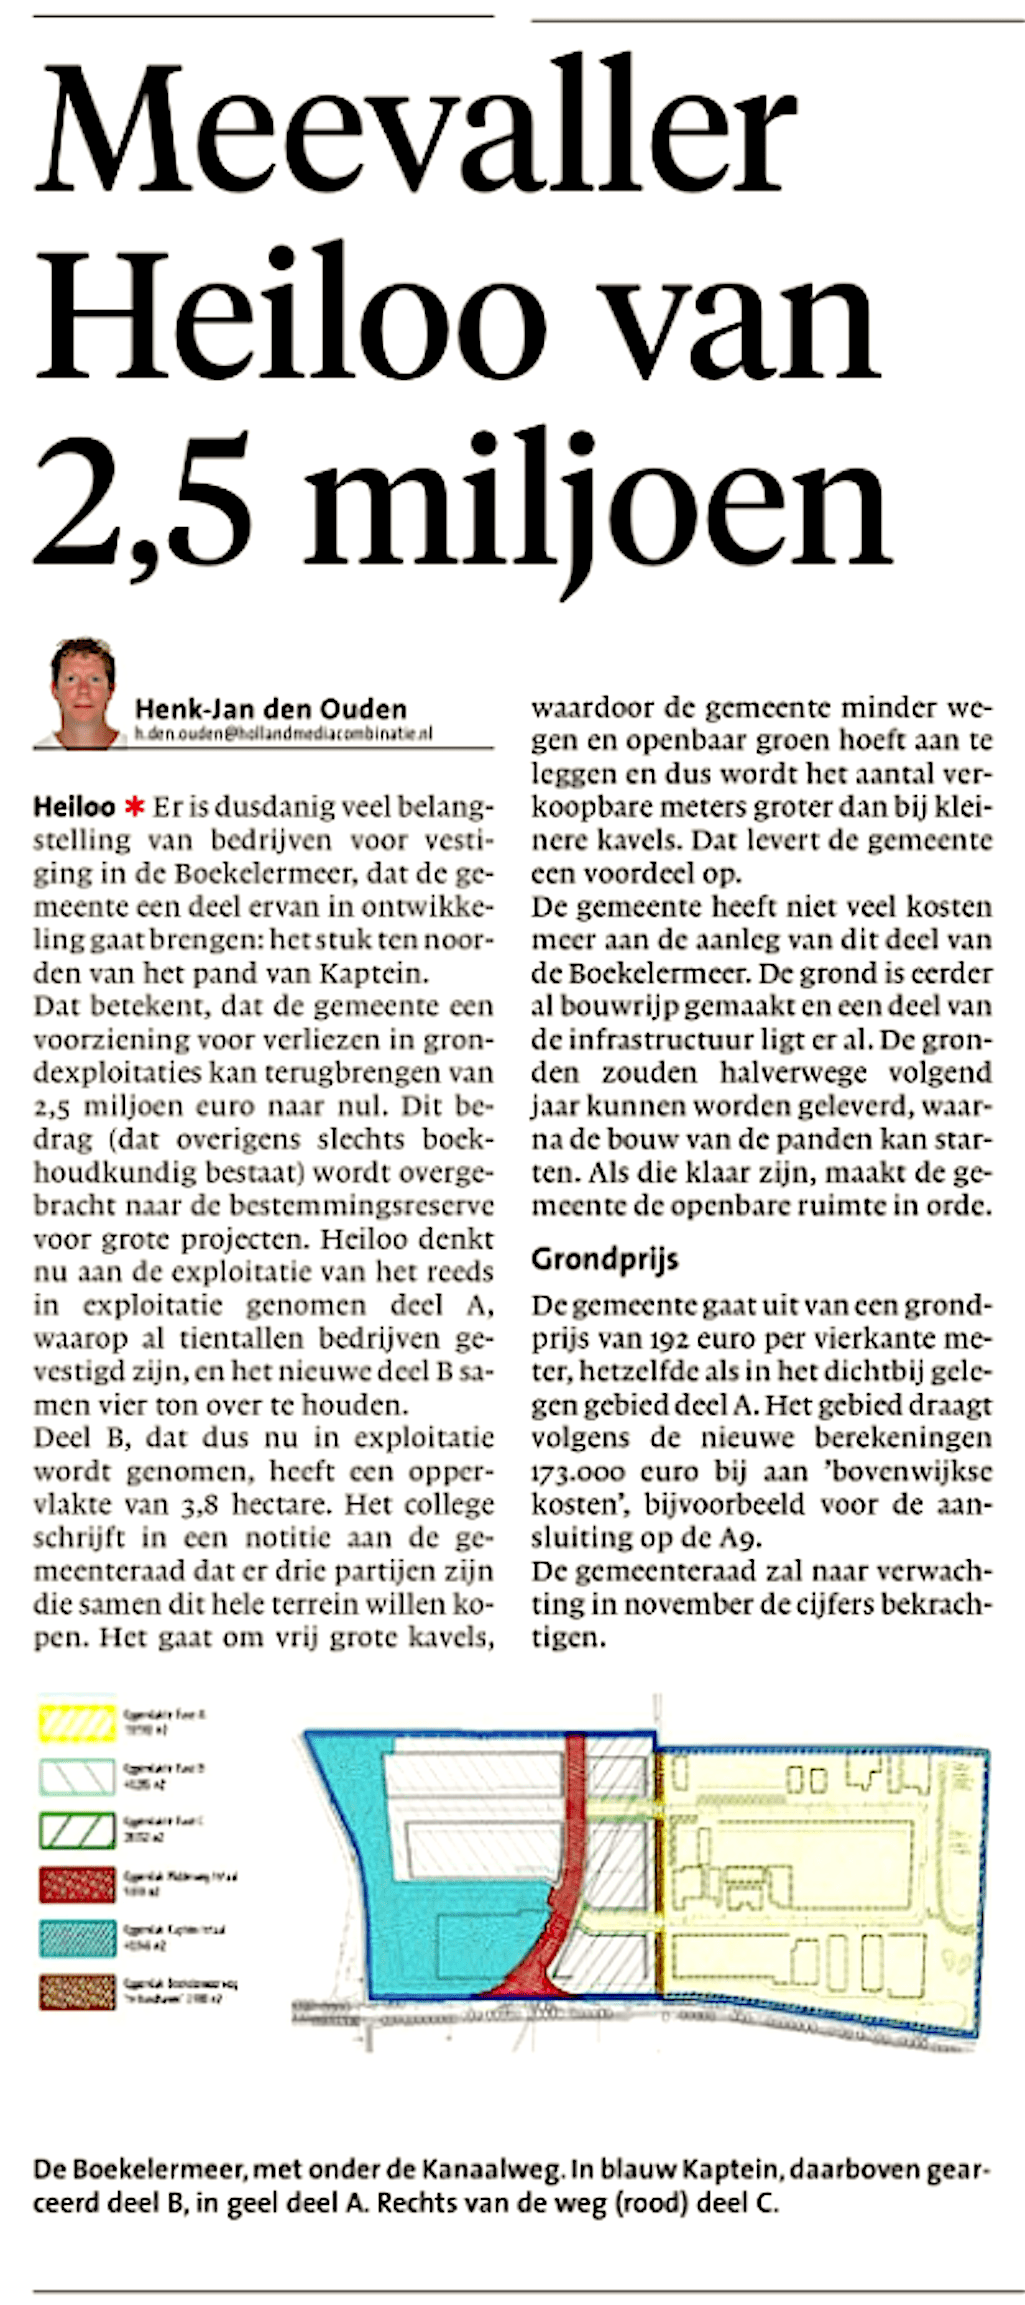 Alkmaarse Courant, 23 oktober 2018